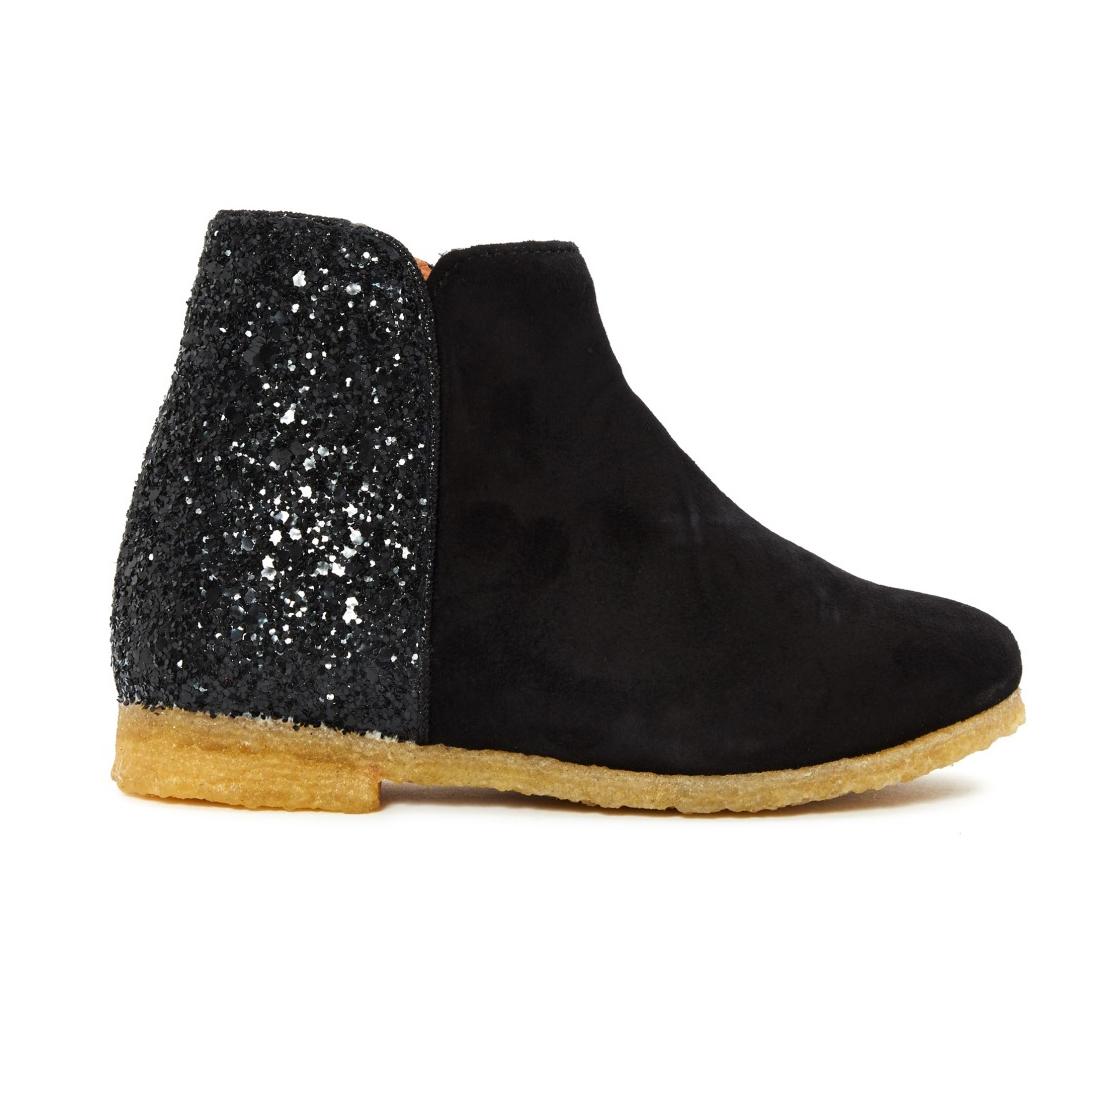 emile-et-ida-boots-cuir-chevre-velour-paillettes